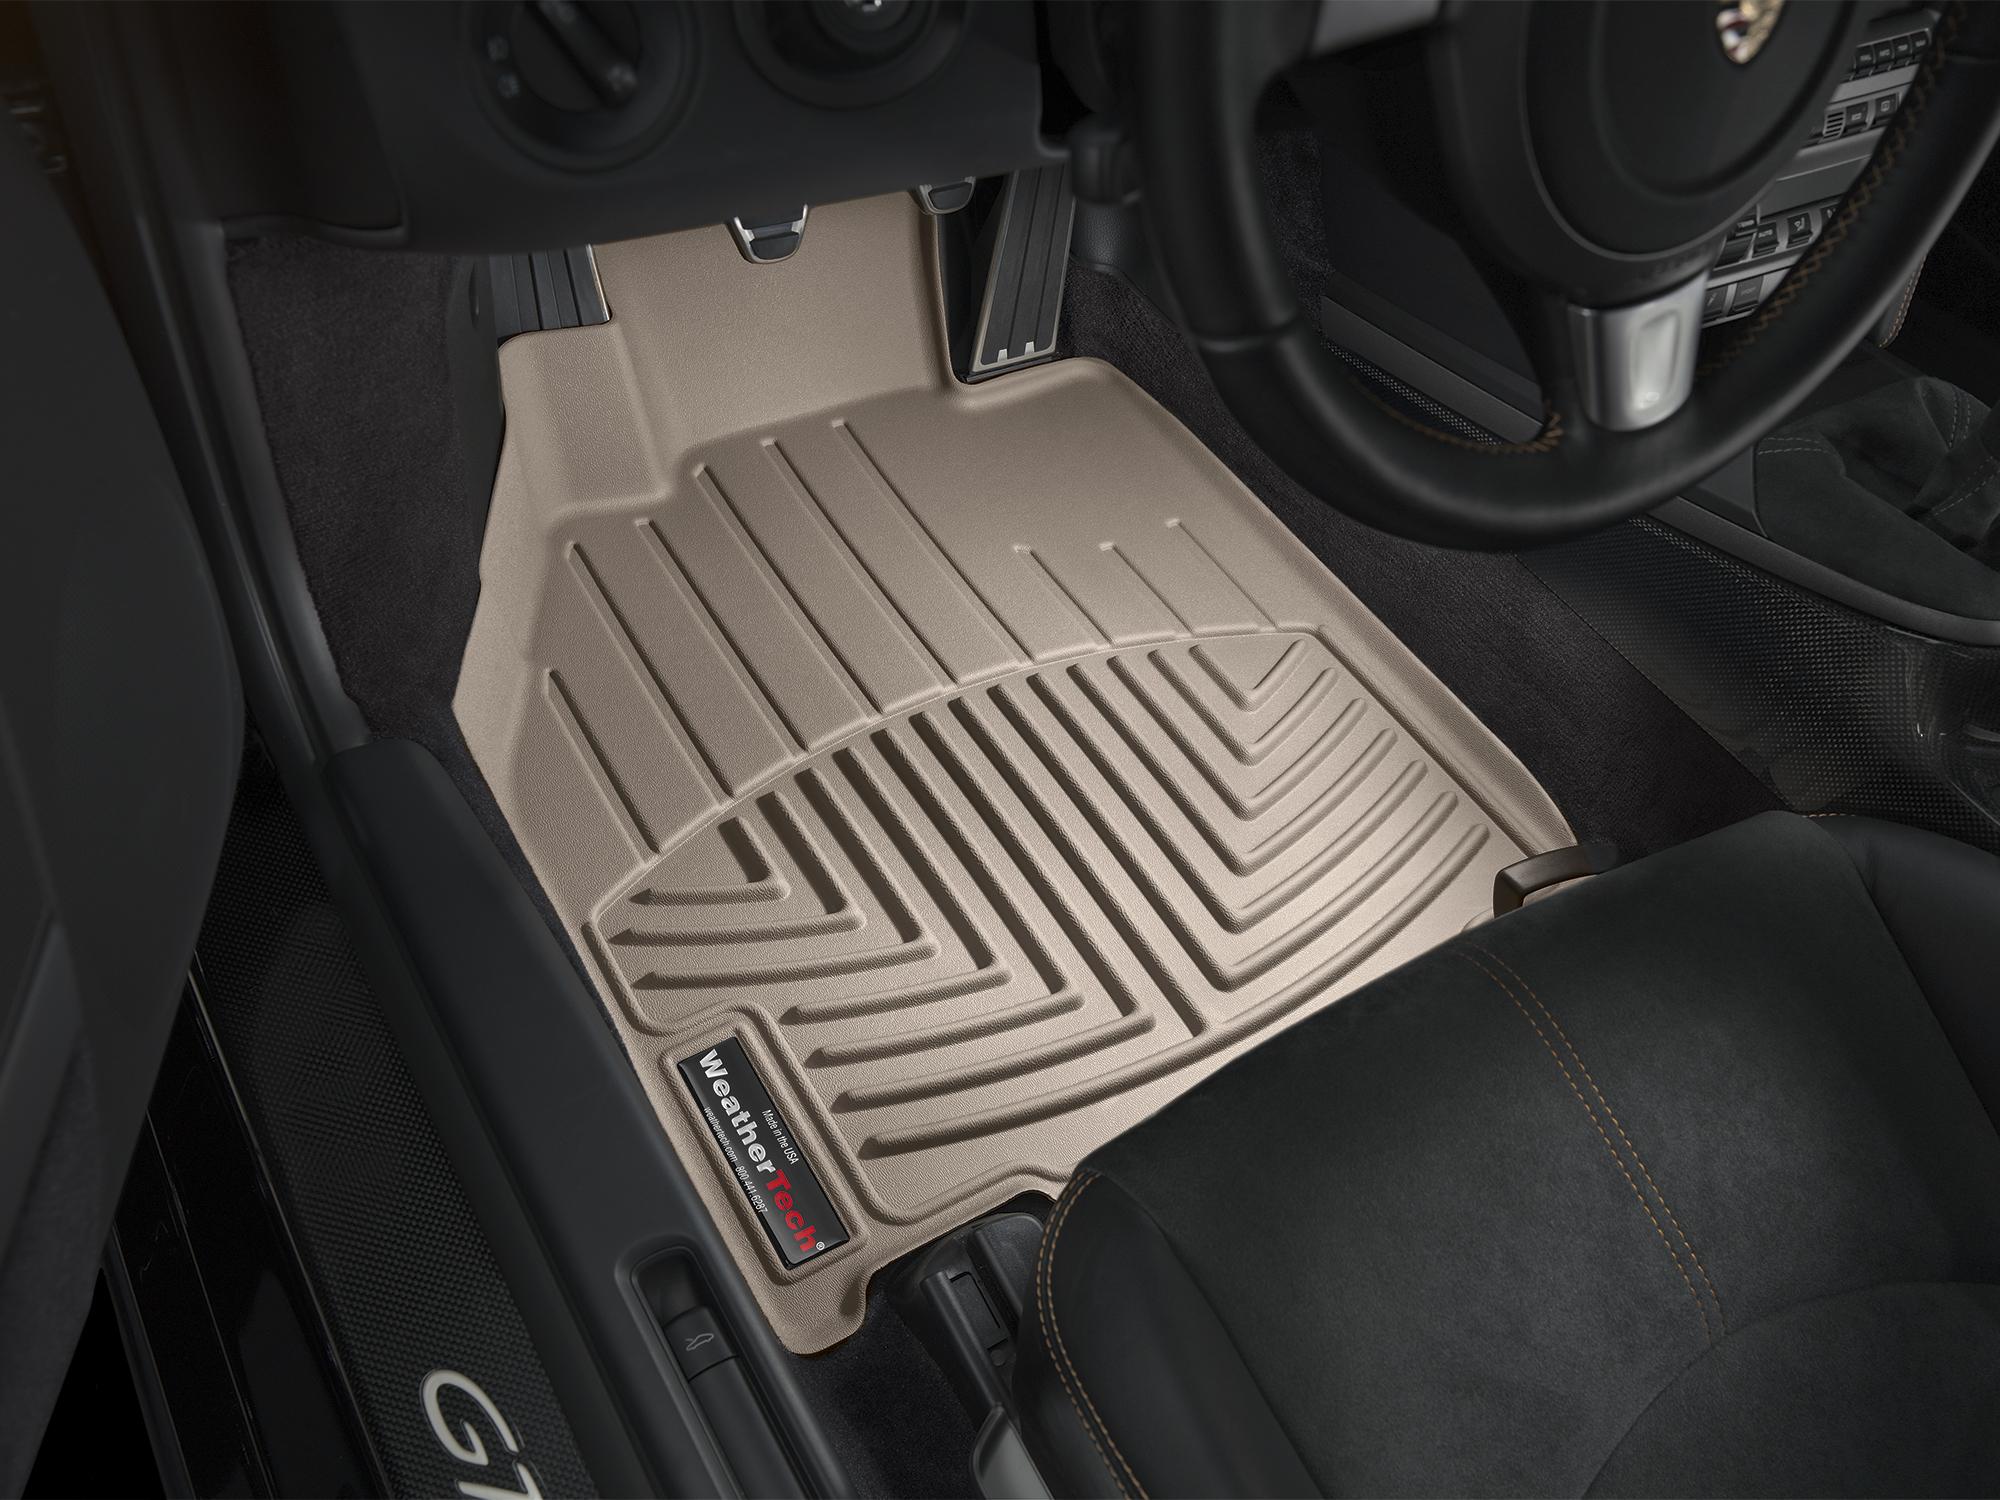 Tappeti gomma su misura bordo alto Porsche® Boxster® 05>12 Marrone A3091